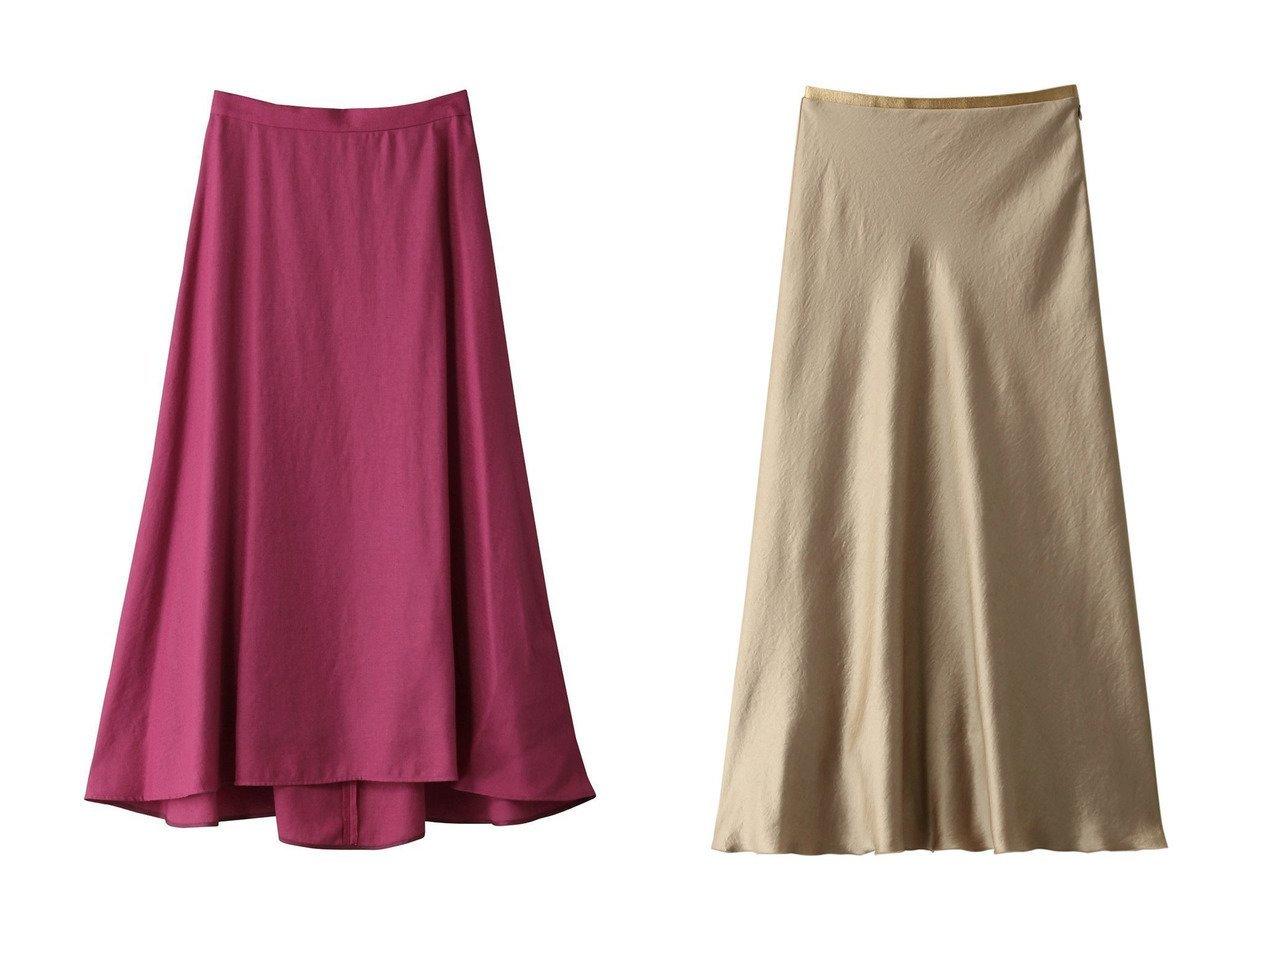 【GALLARDAGALANTE/ガリャルダガランテ】のドレープサテンスカート&【allureville/アルアバイル】の【Loulou Willoughby】トリアセポリエステル前後差スカート スカートのおすすめ!人気、レディースファッションの通販 おすすめで人気のファッション通販商品 インテリア・家具・キッズファッション・メンズファッション・レディースファッション・服の通販 founy(ファニー) https://founy.com/ ファッション Fashion レディース WOMEN スカート Skirt ロングスカート Long Skirt エアリー フェミニン ロング |ID:crp329100000001178